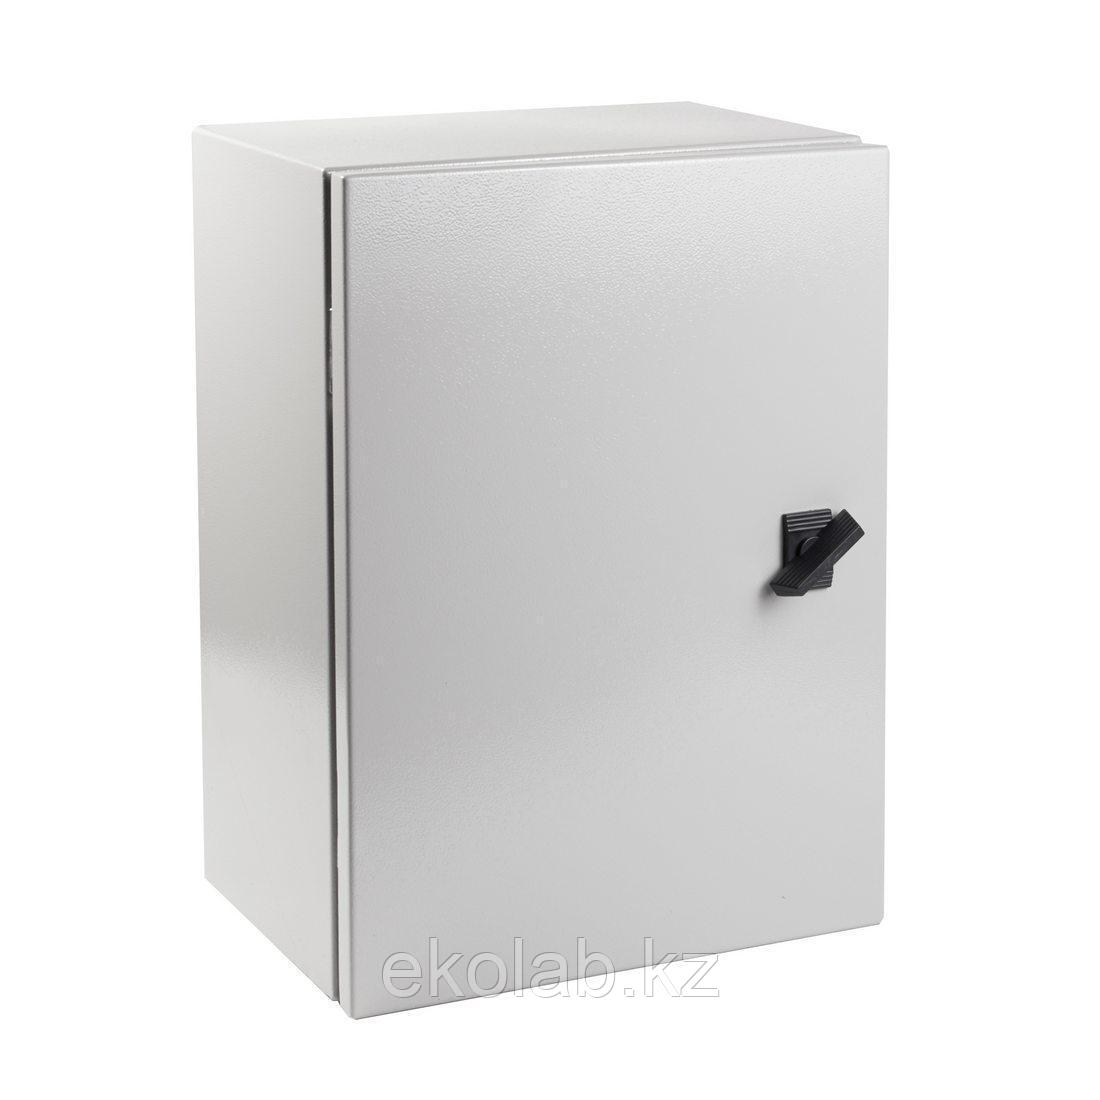 Щит металлический ANDELI 300*200*150 (для электрооборудования)